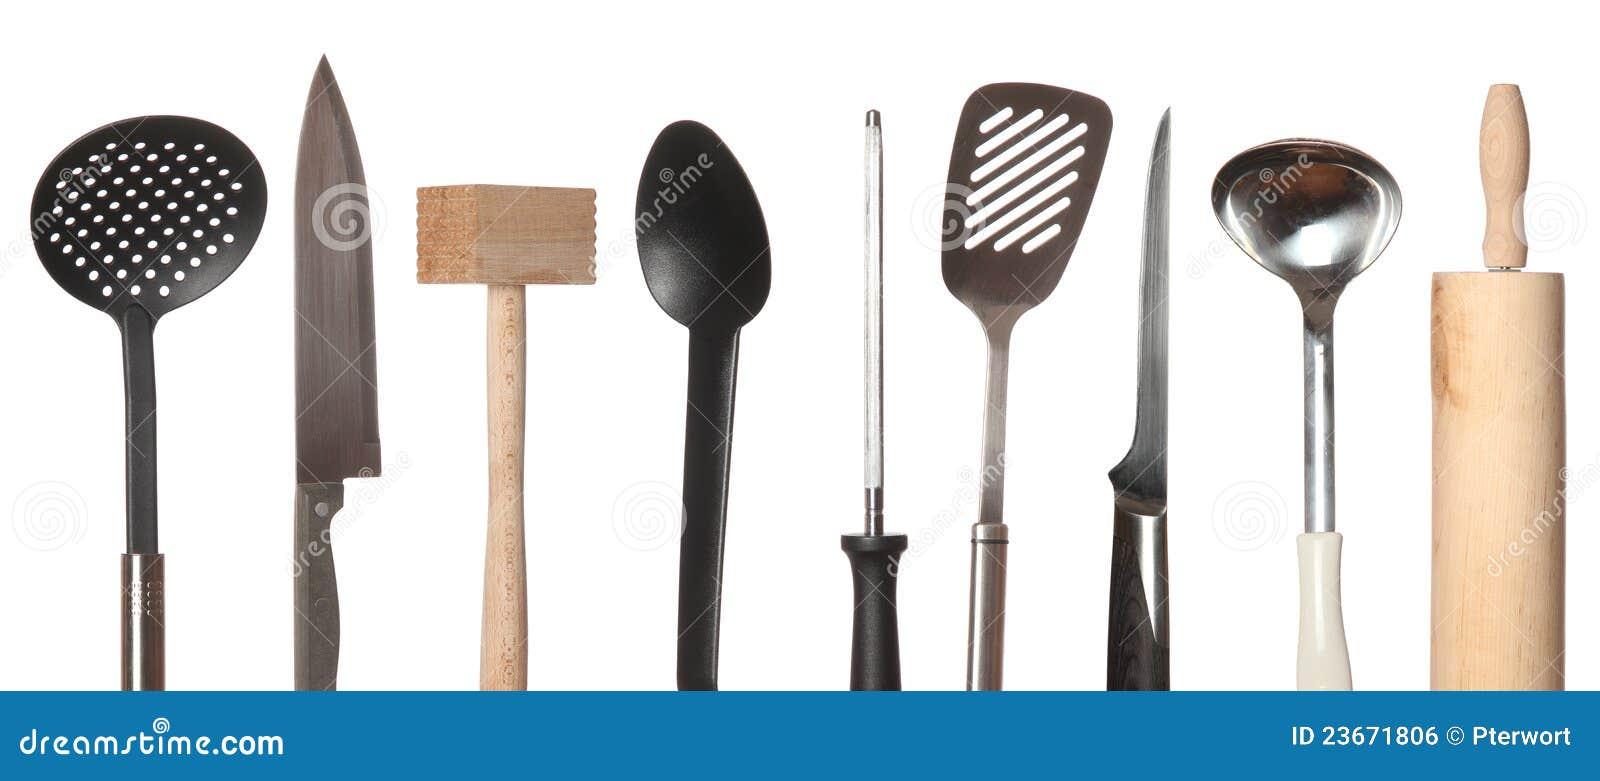 Conjunto de utensilios de cocina foto de archivo imagen for Utensilios de cocina nombres e imagenes